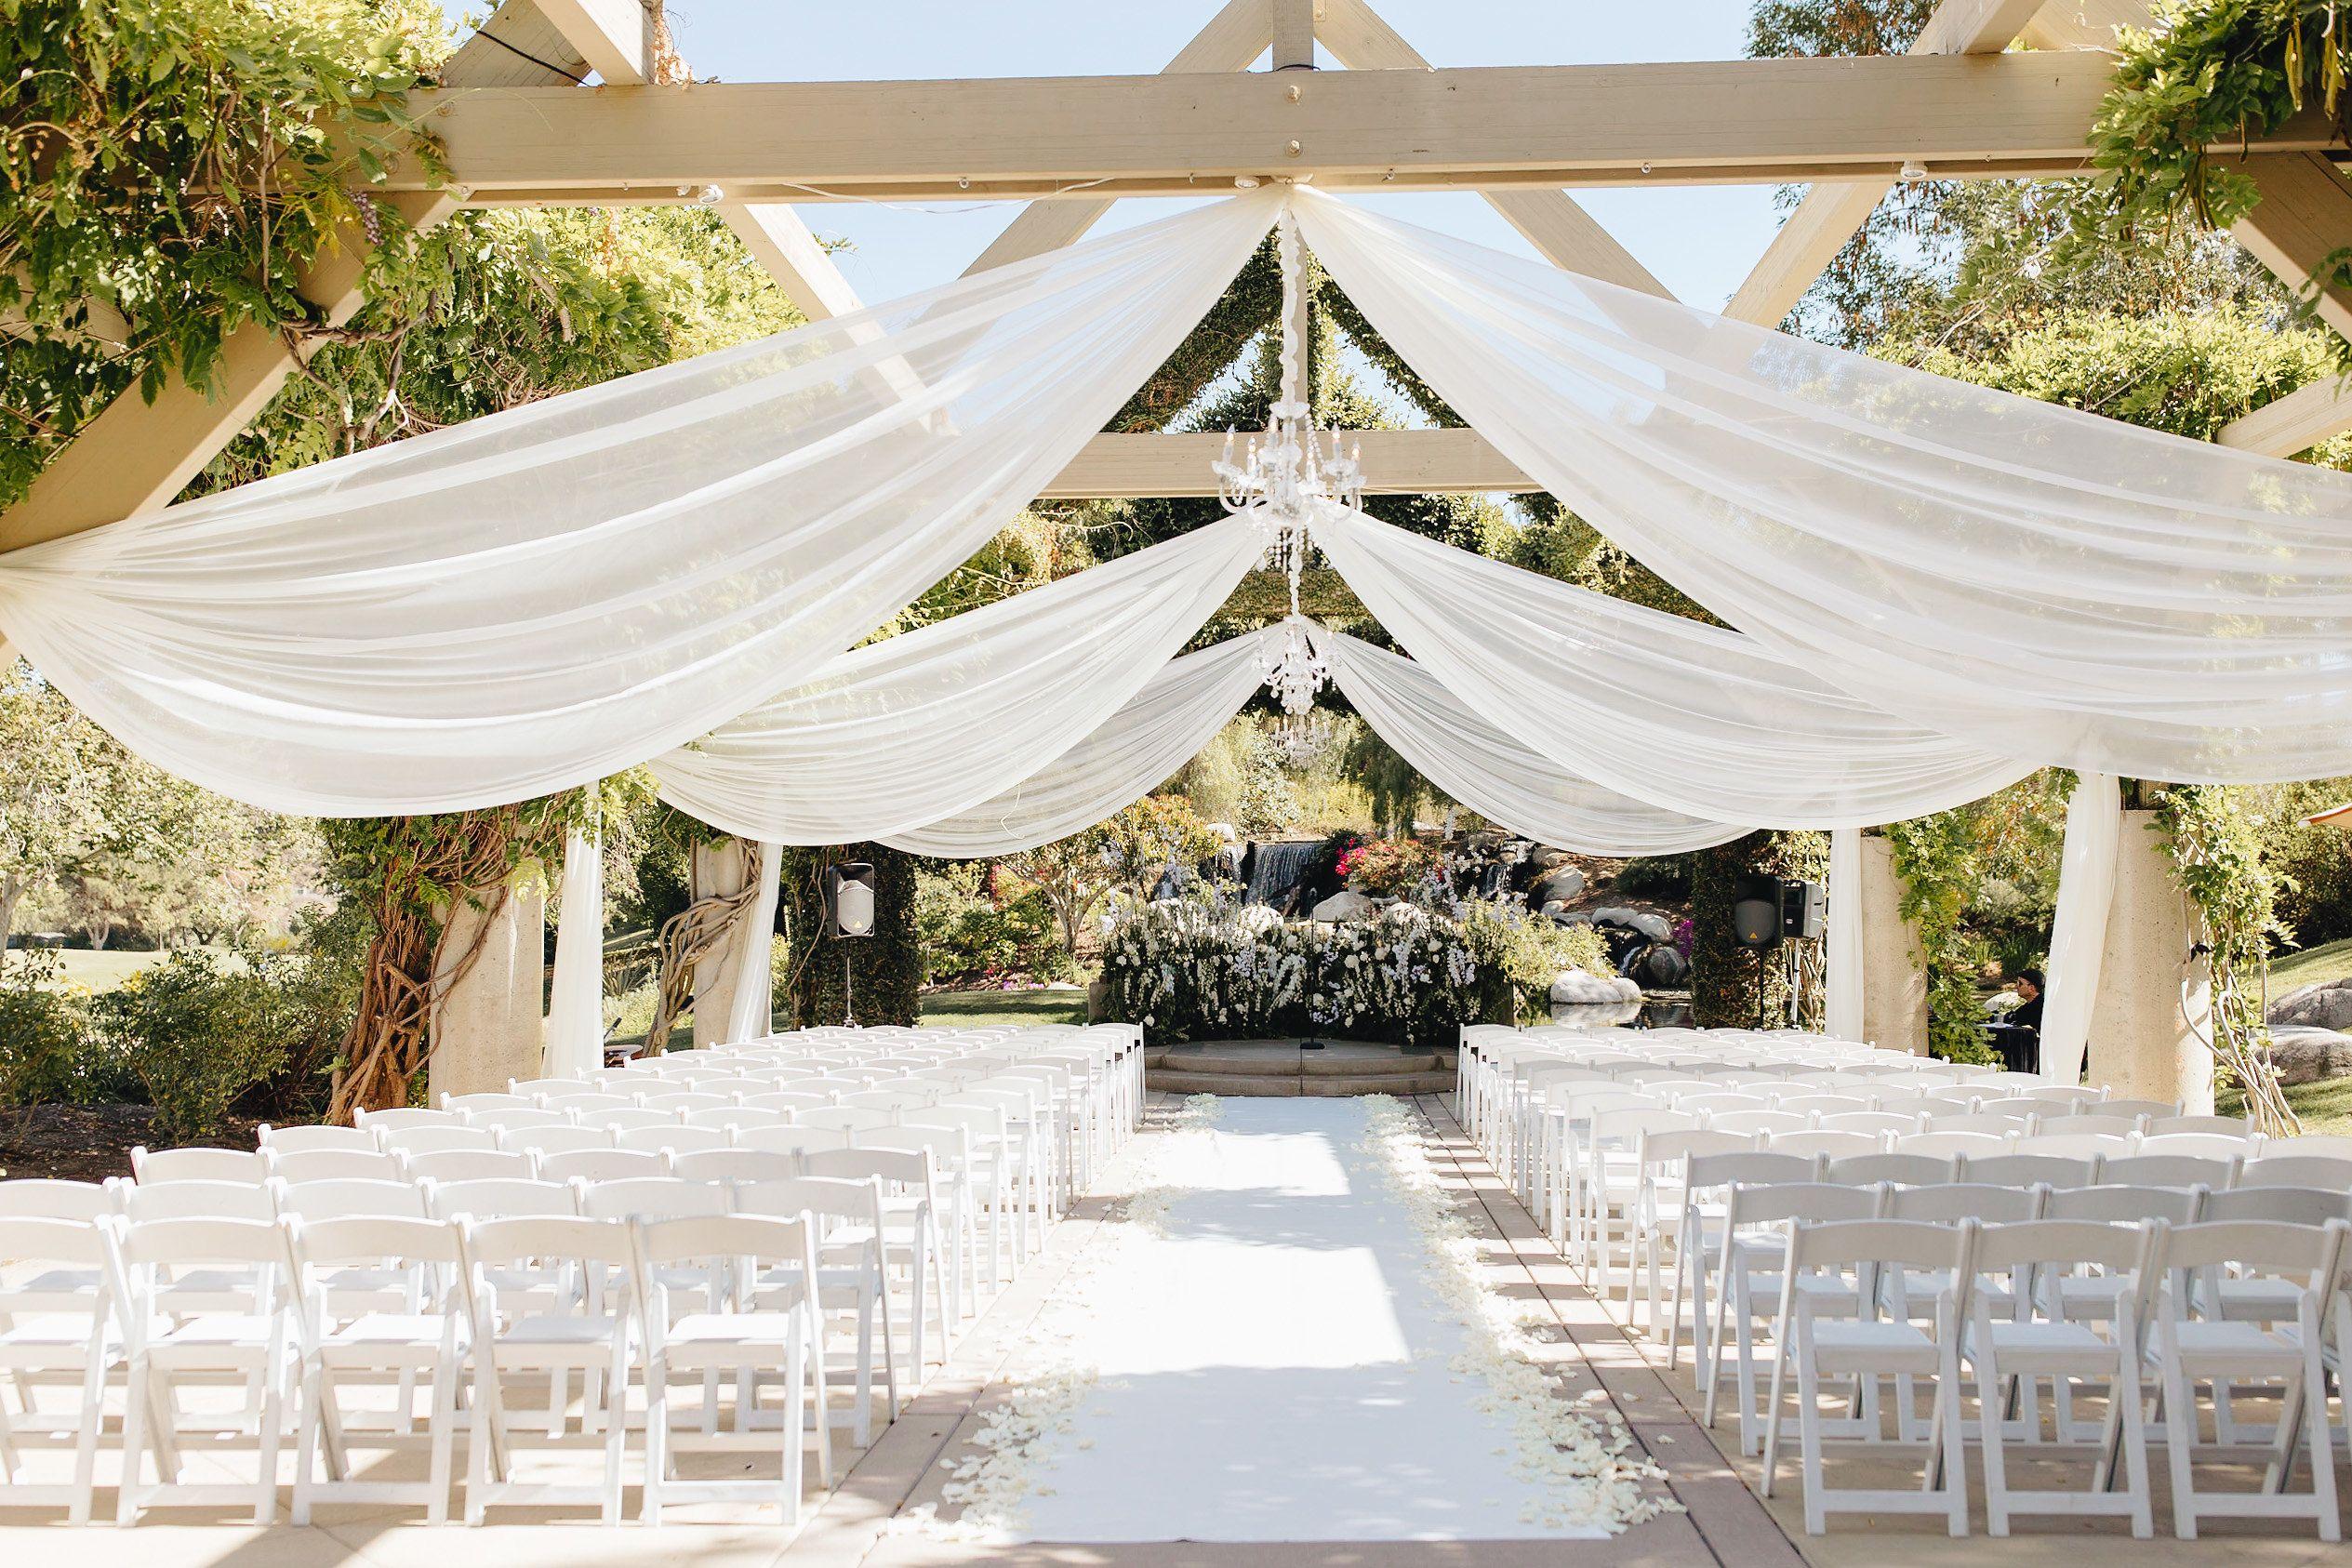 Leilaniweddings Com In 2020 Wedding Decorations Wedding Planning Wedding